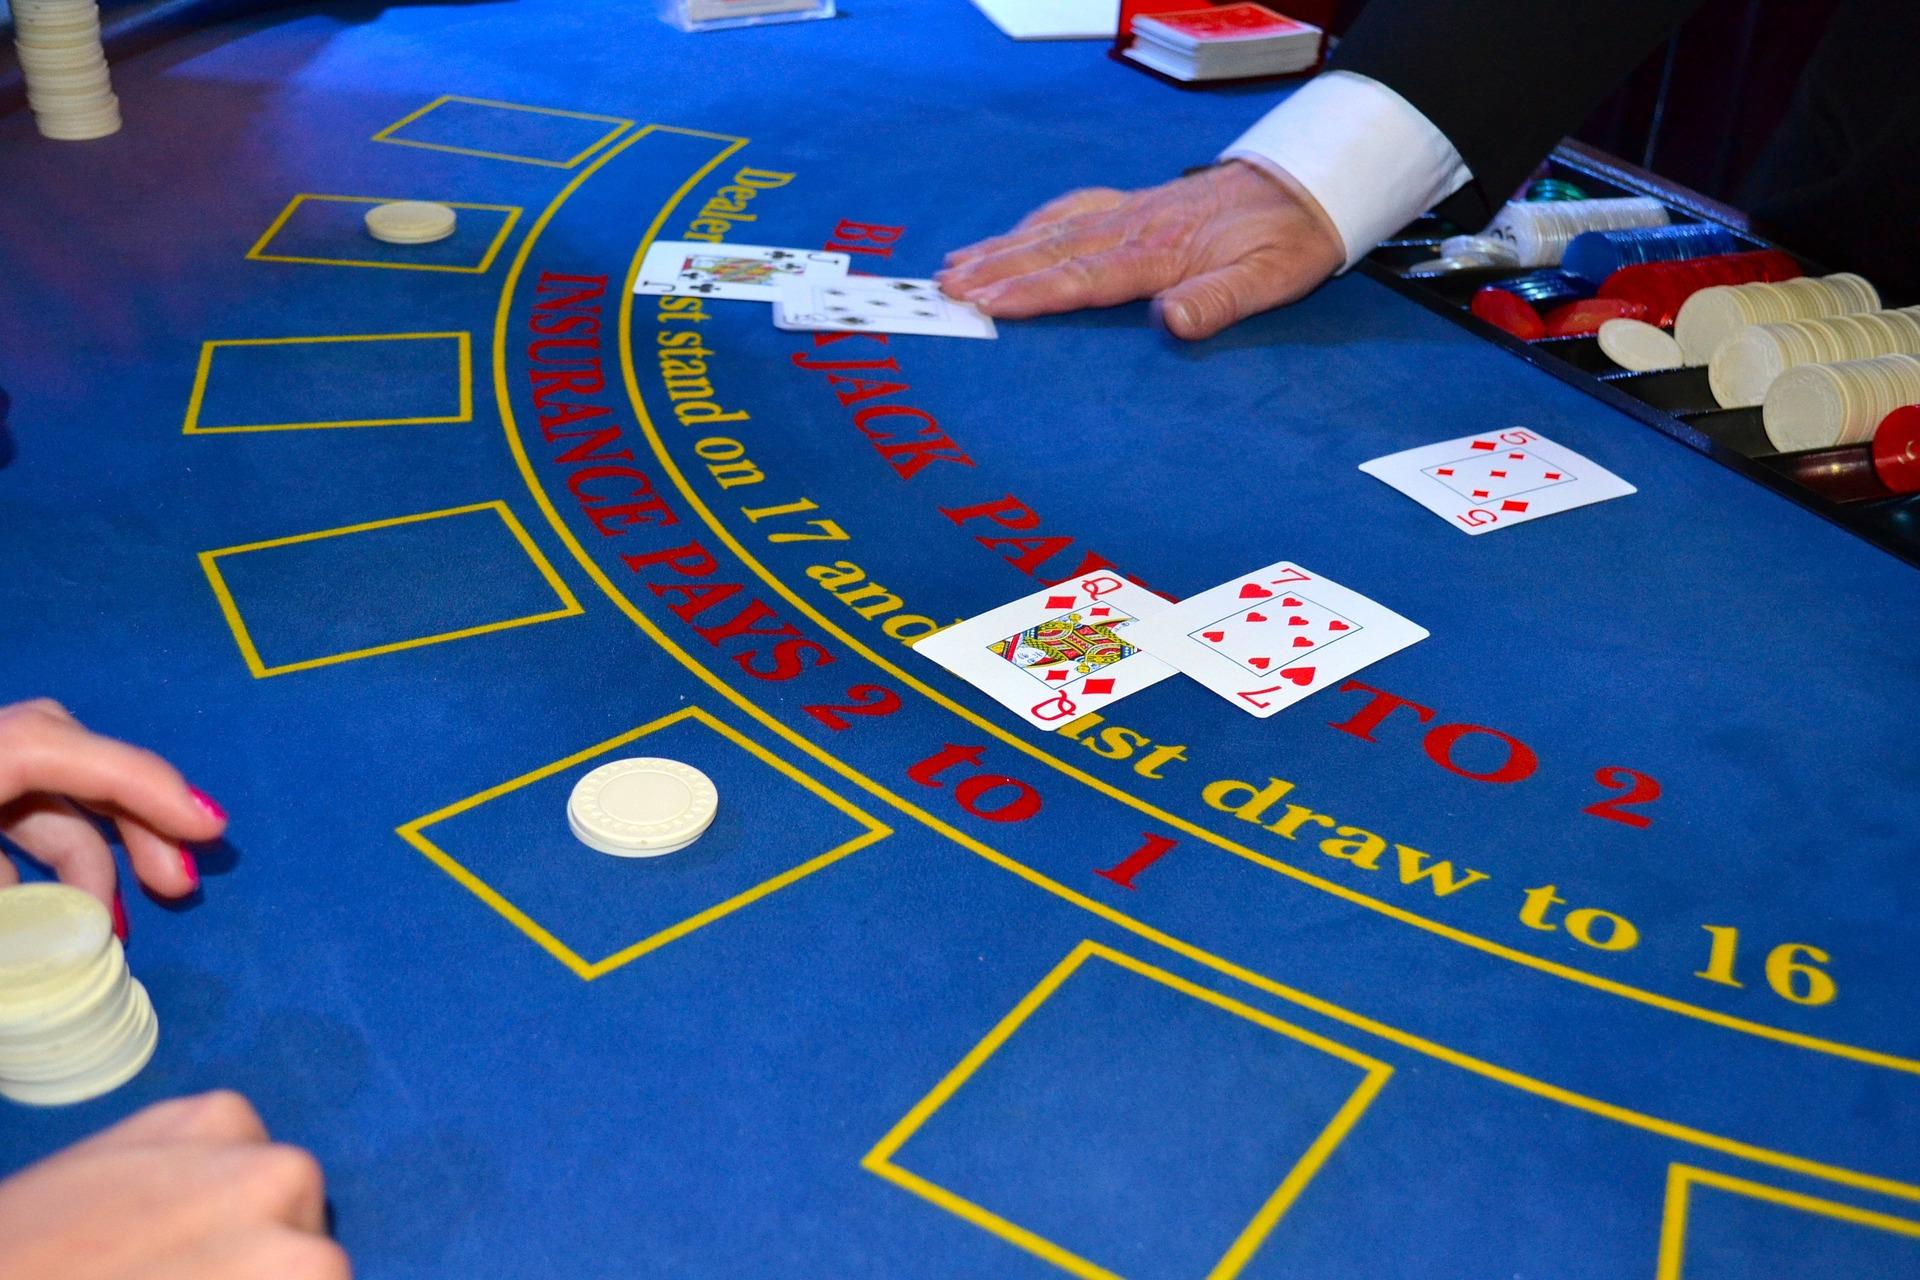 cards-blackjack